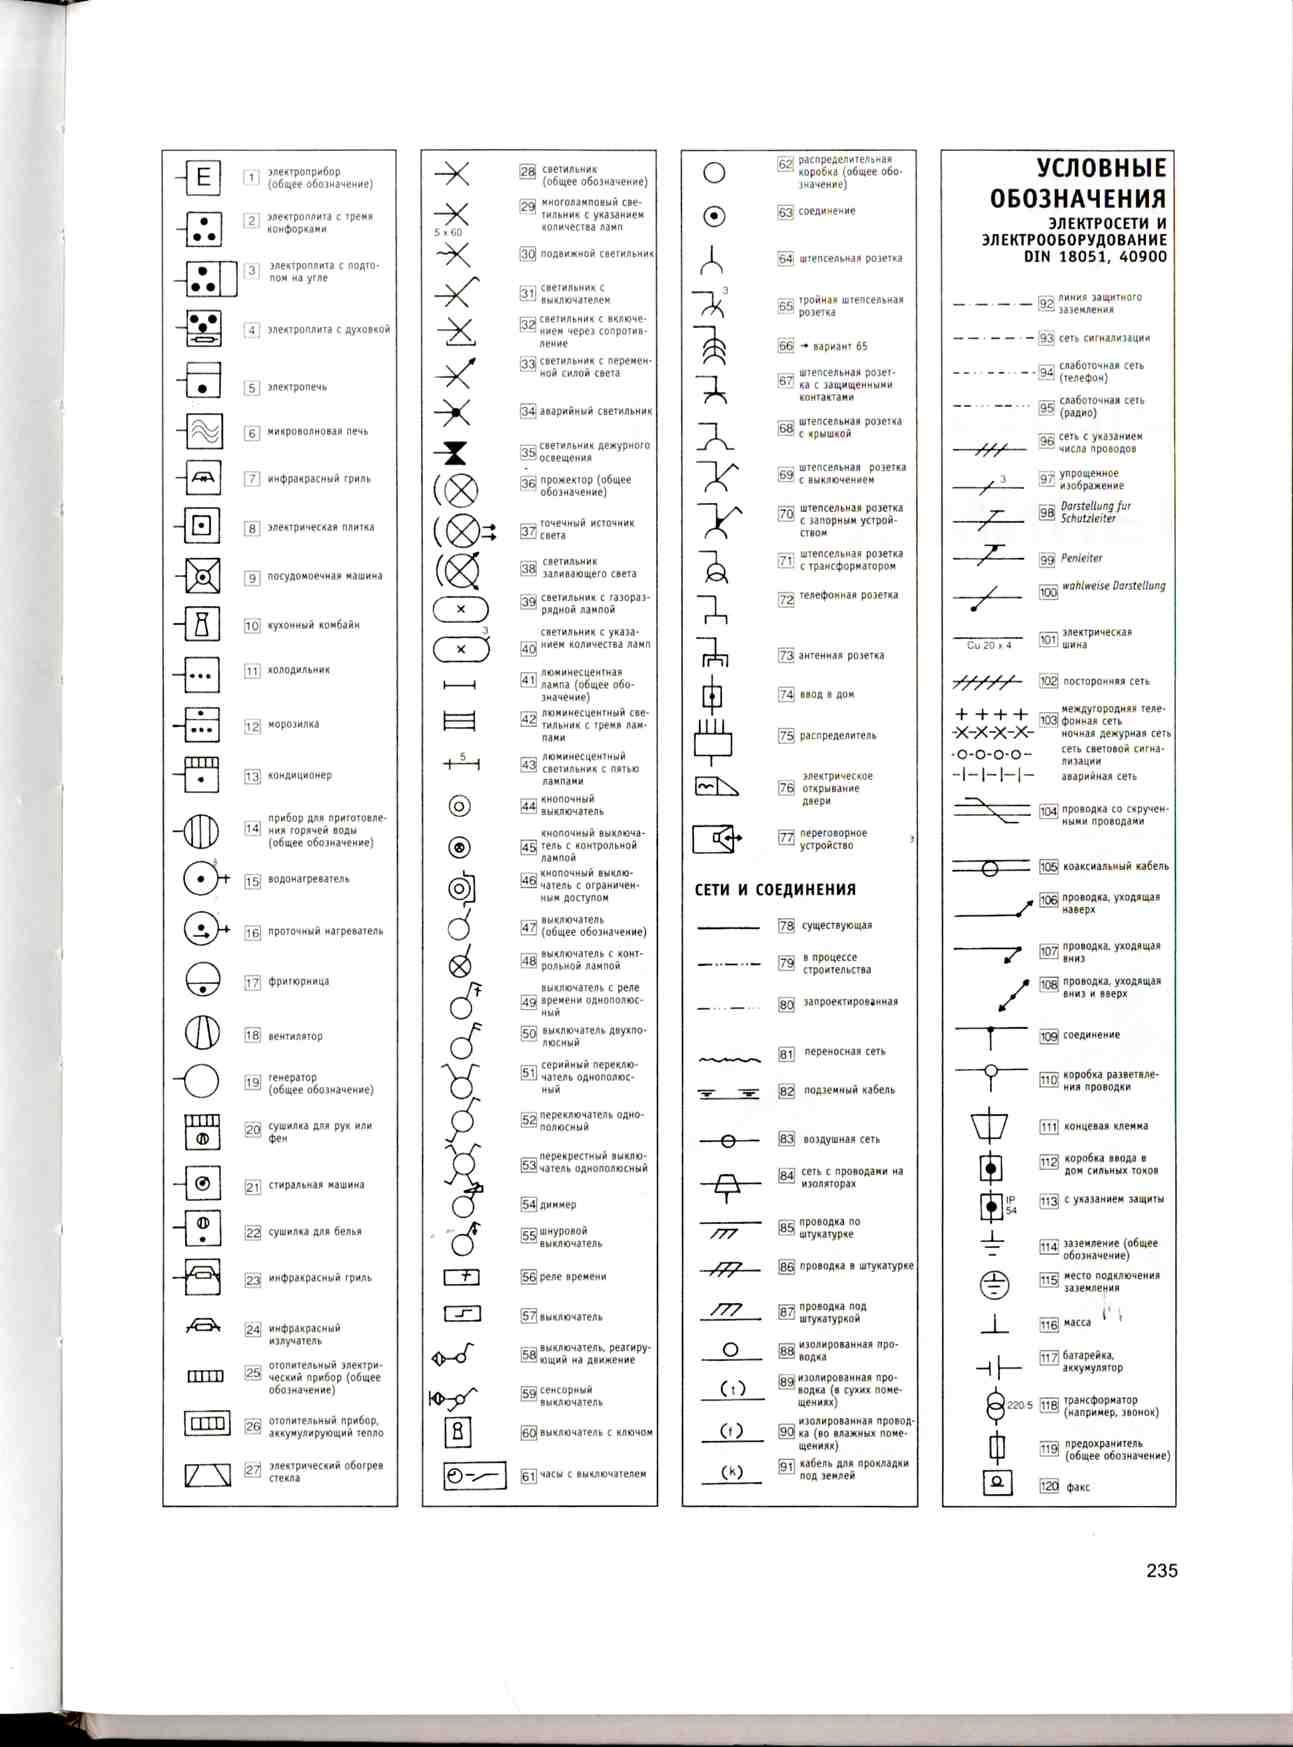 Условные обозначения на электрических схемах в квартире